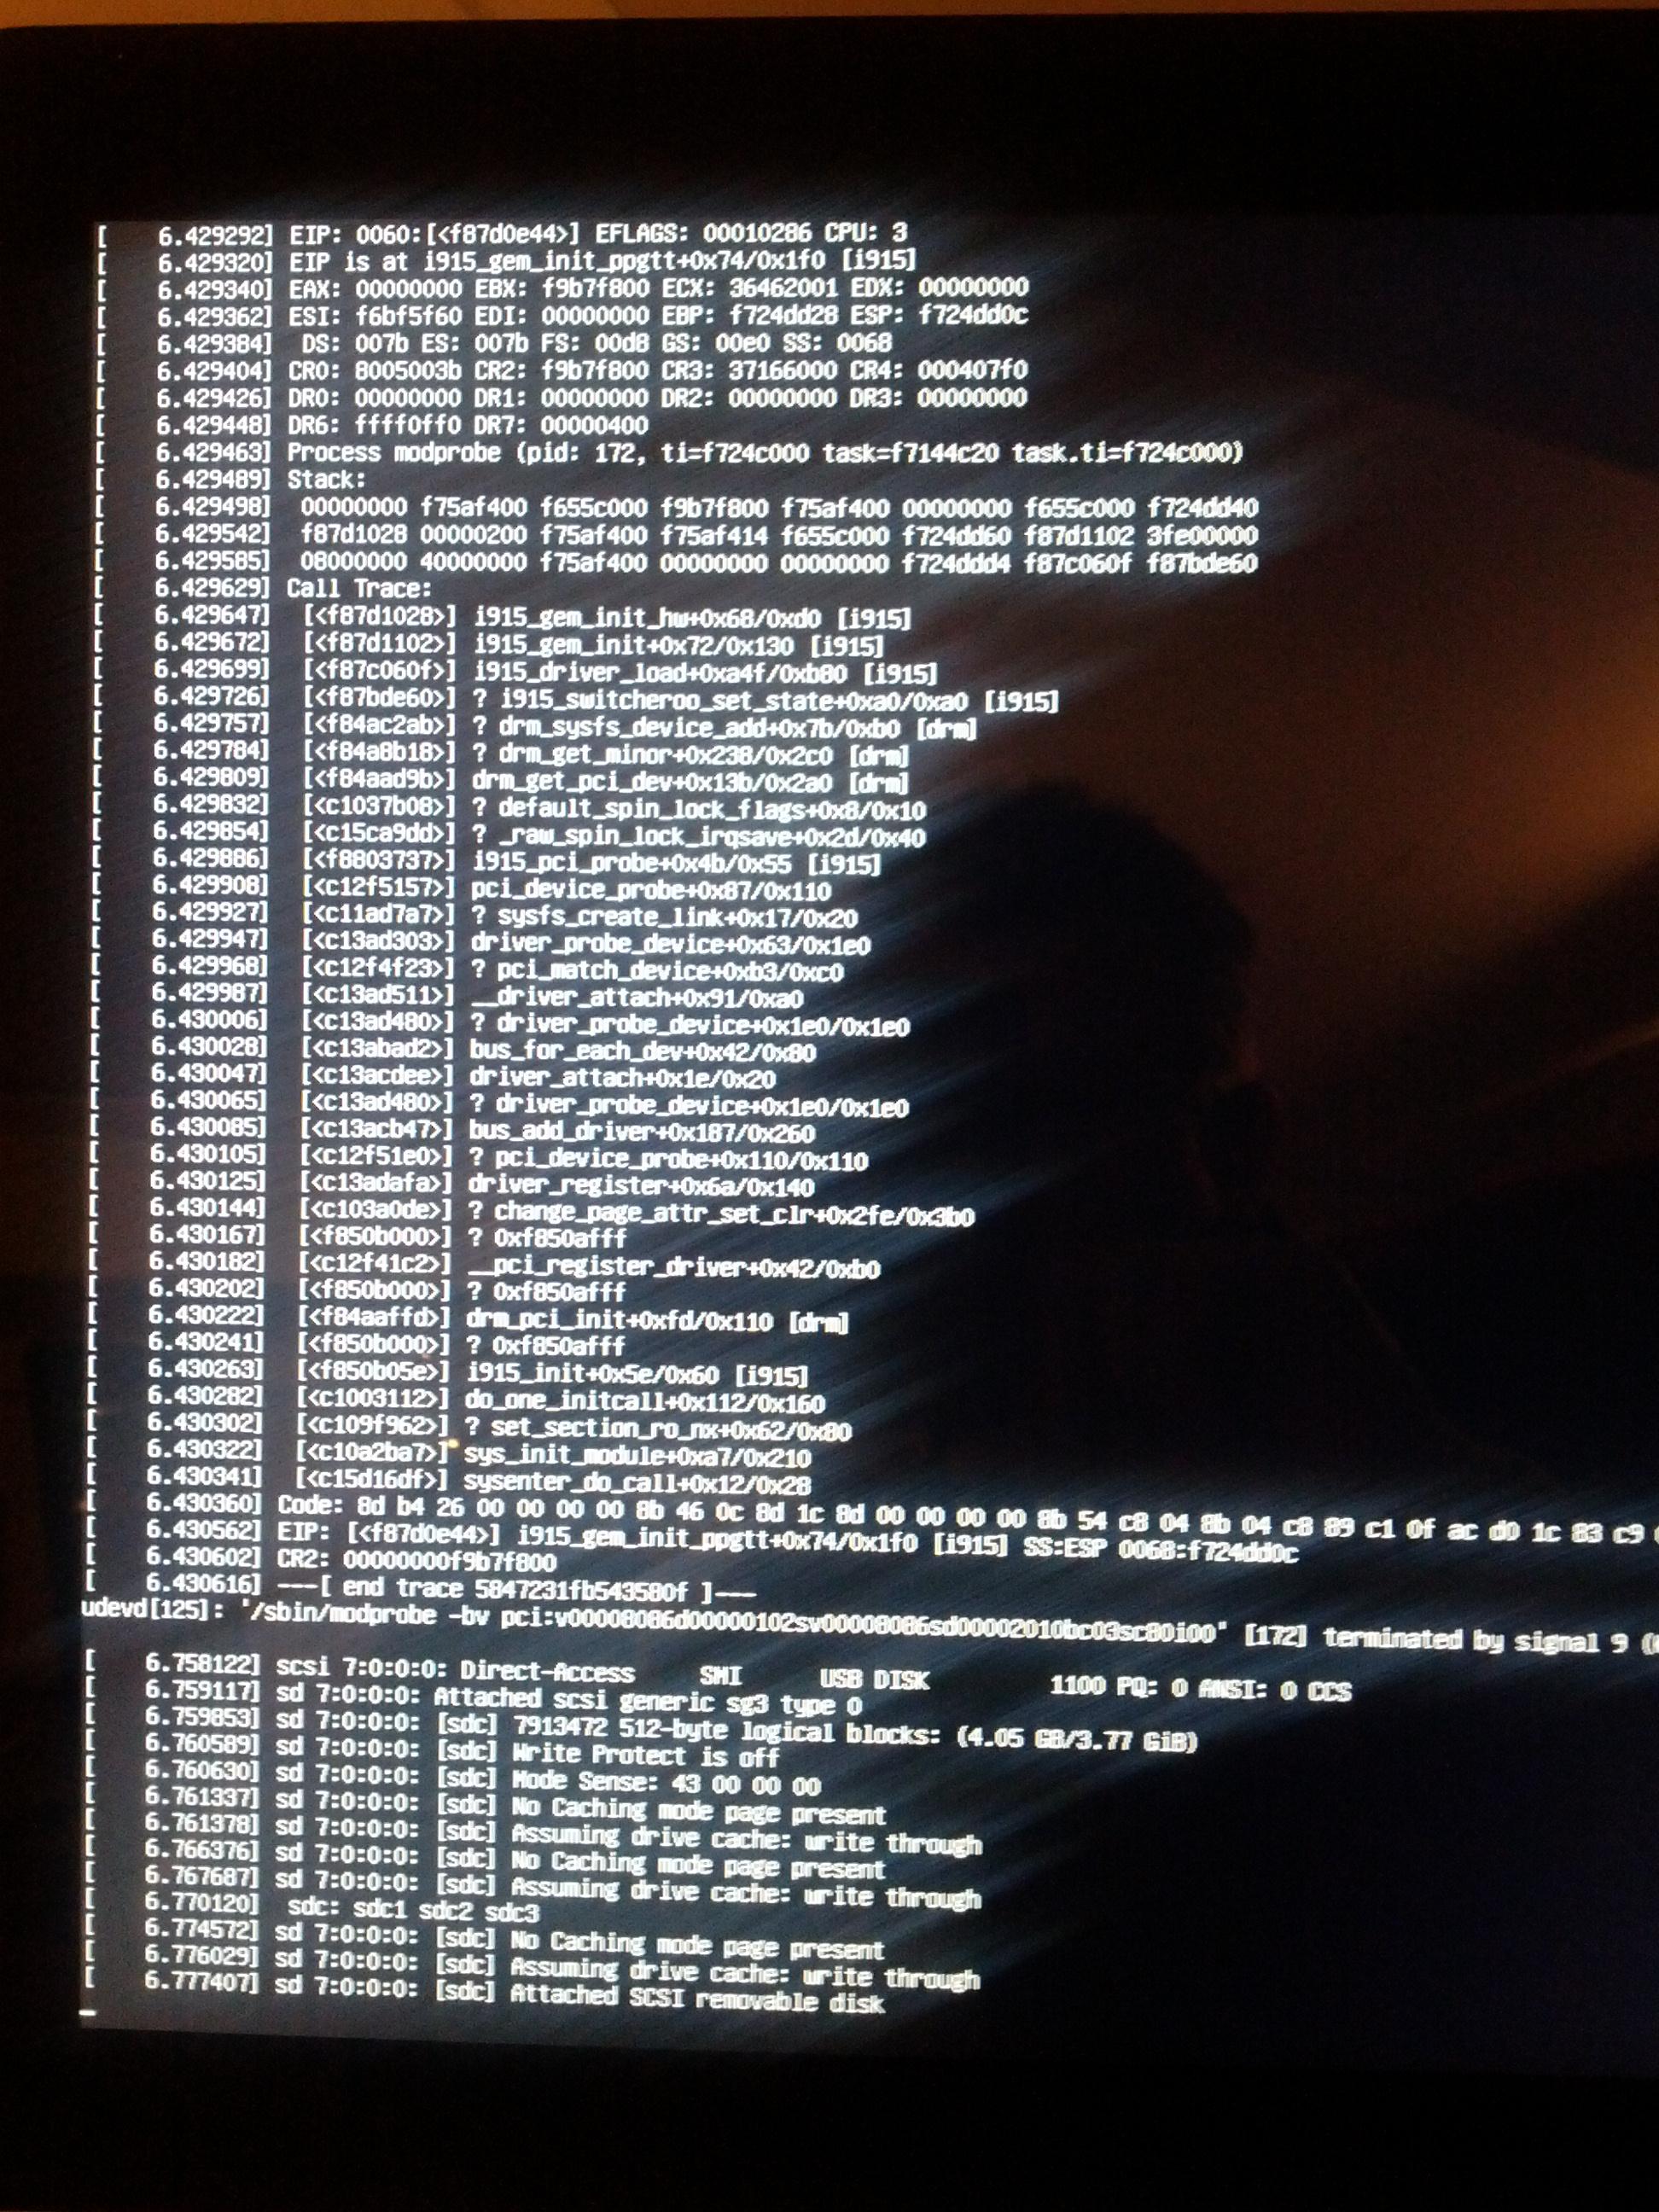 59431 – [snb efi gmux] imac 12,1 blank screen upon booting